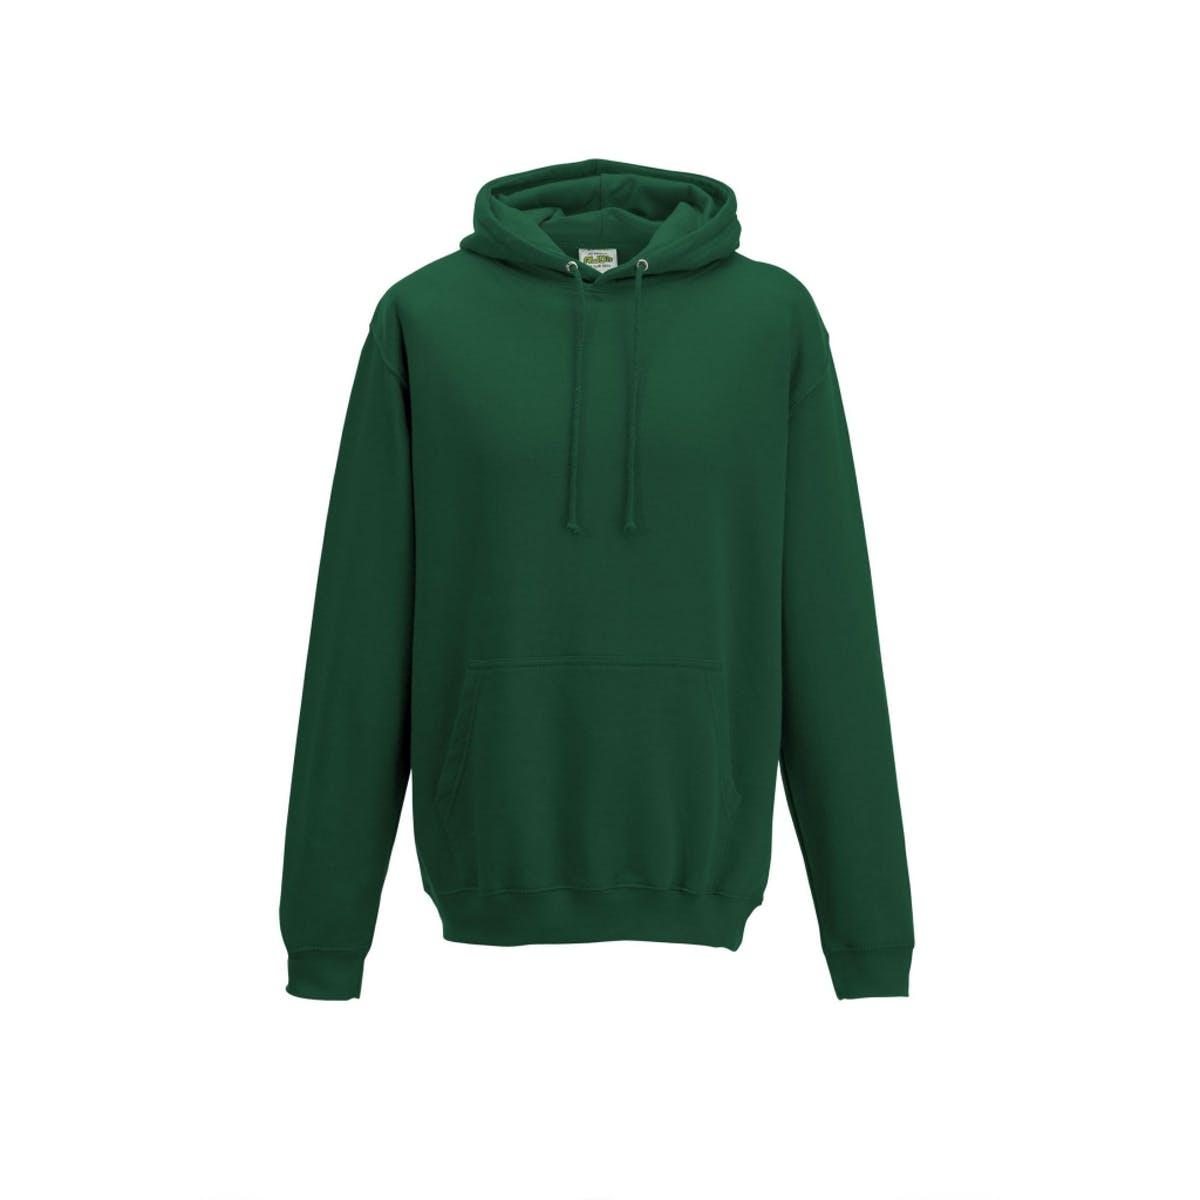 bottle green smoke overhead college hoodies